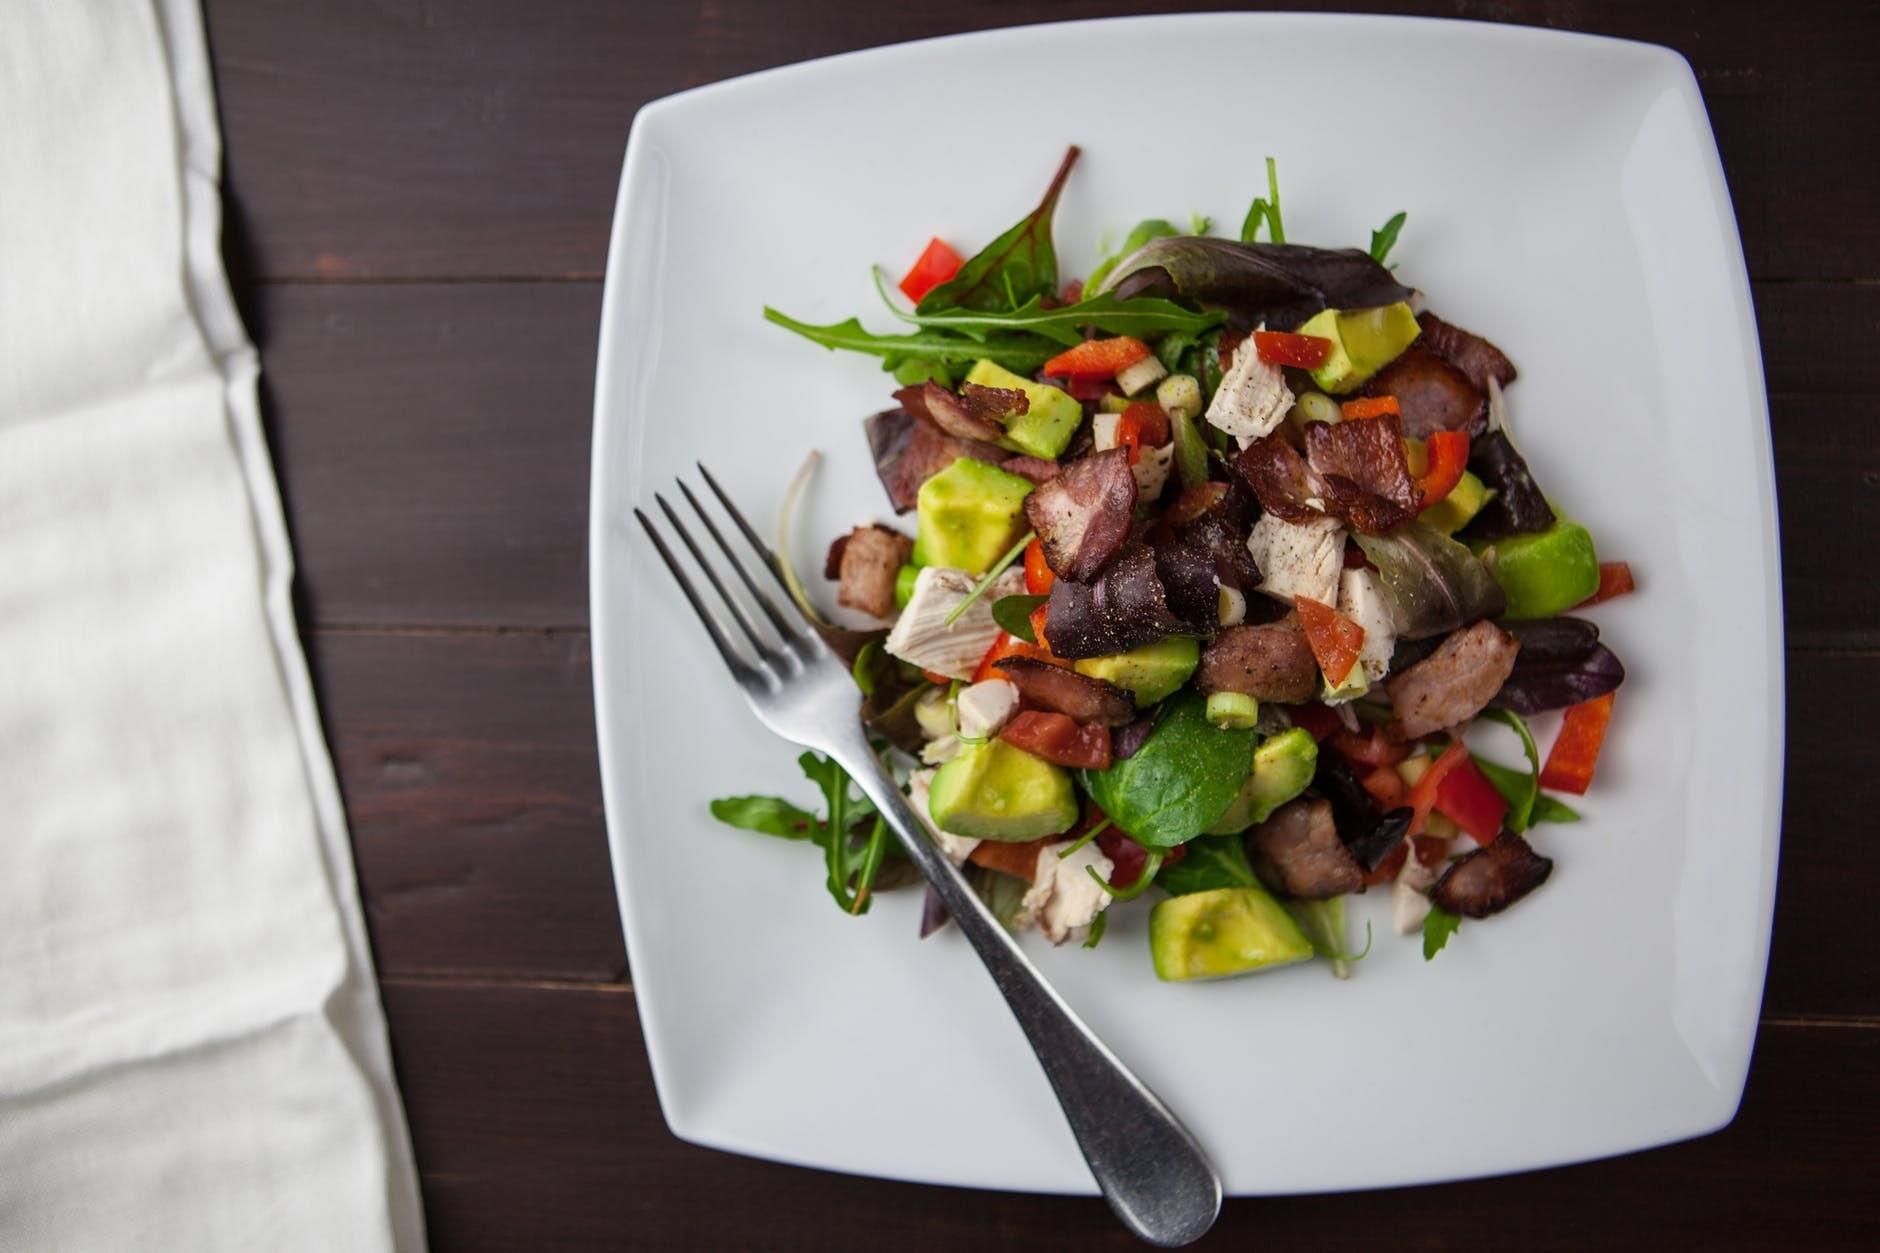 Худей, но не голодай: диета магги на 2 недели (плюс меню)